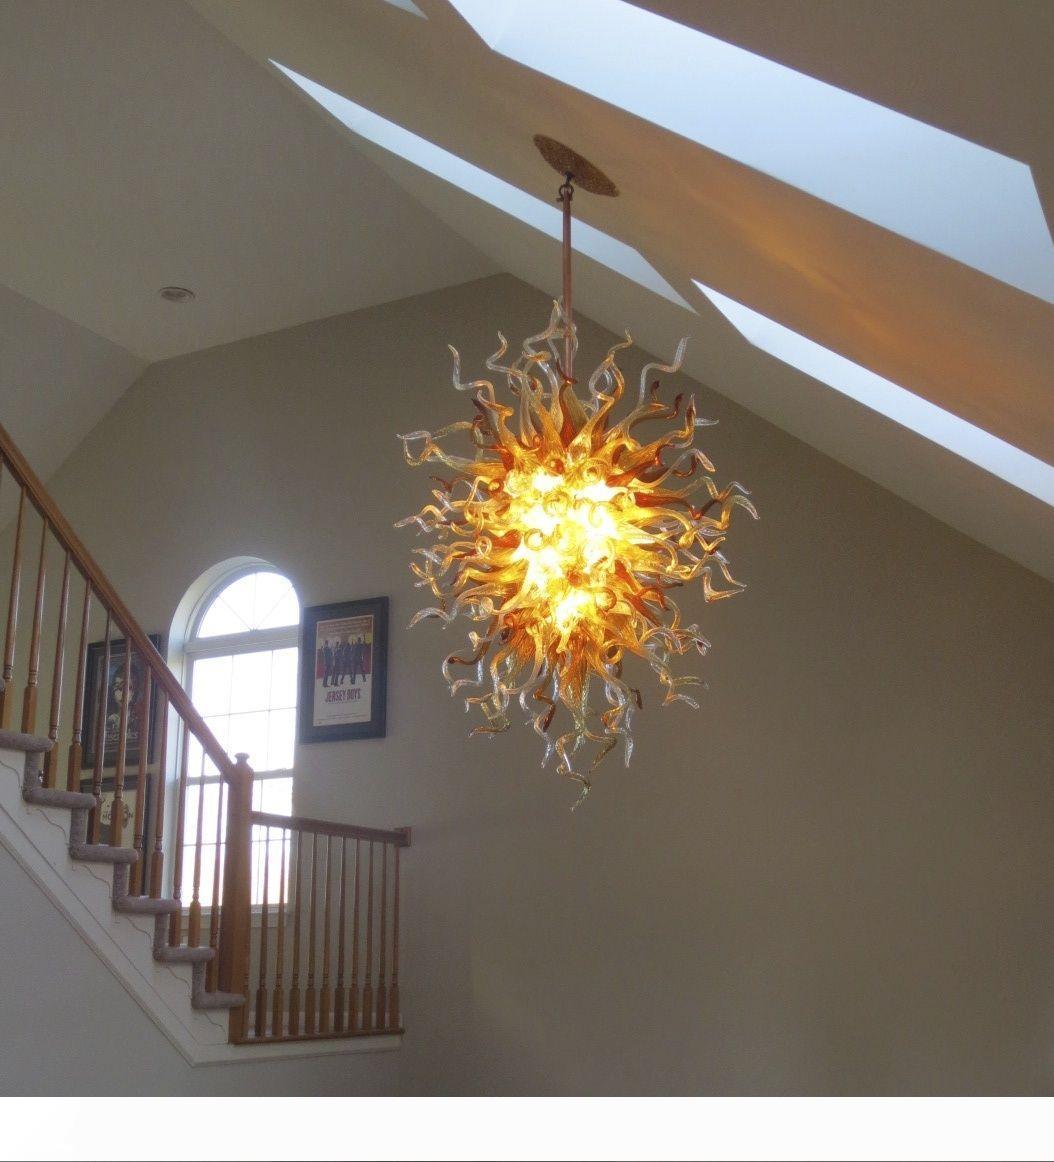 현대 대형 고품질 크리스탈 앰버 샹들리에는 100 % 손 불어 유리 샹들리에 LED 무라노 유리 샹들리에